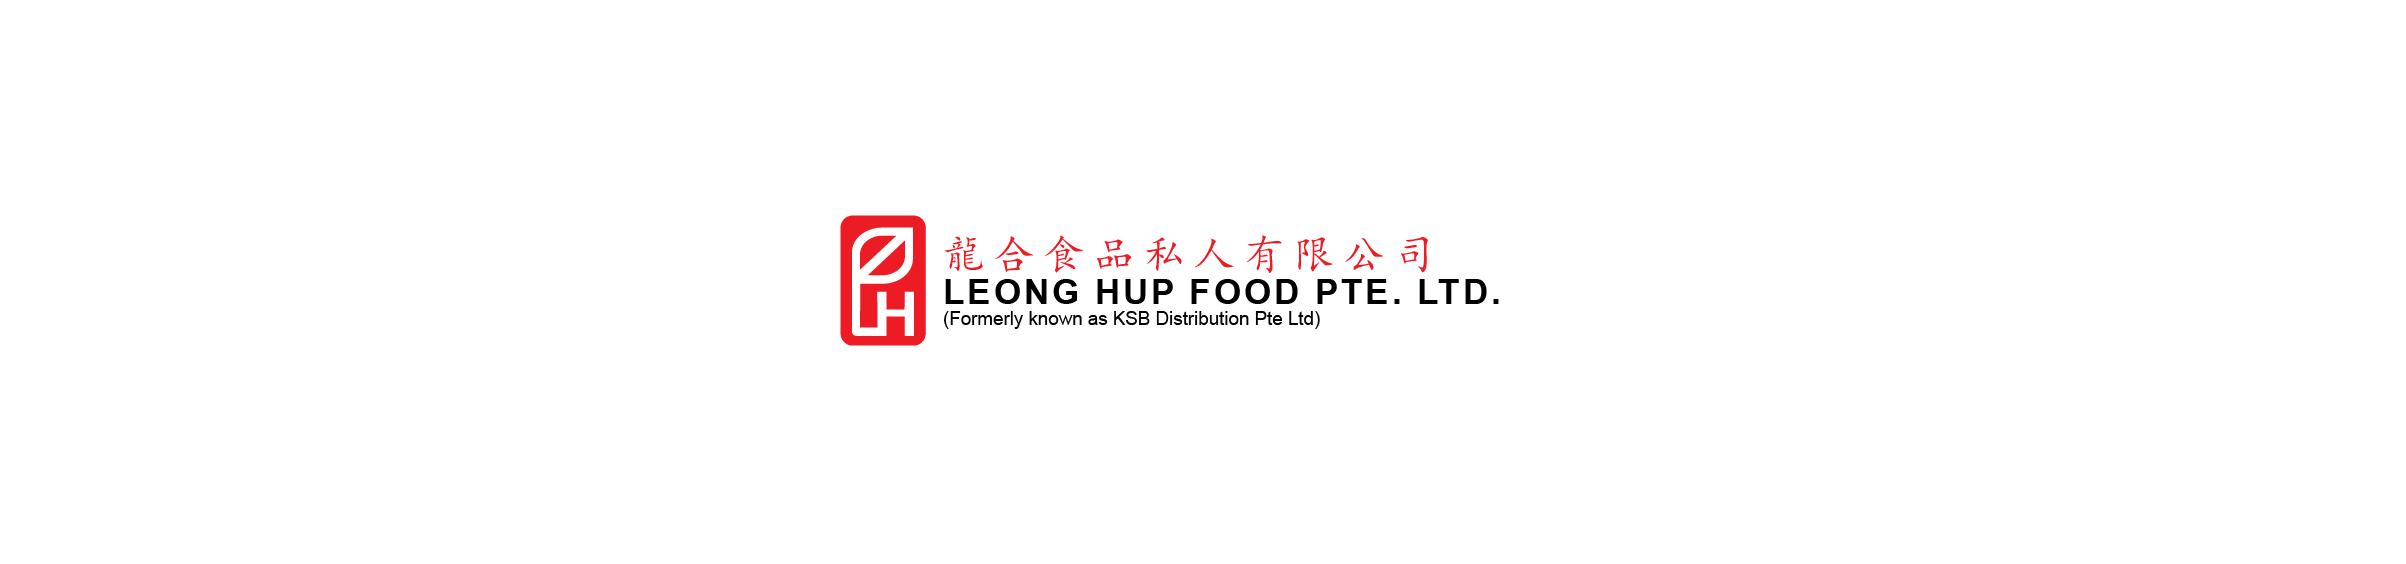 lhf_logo_side_bg (1)